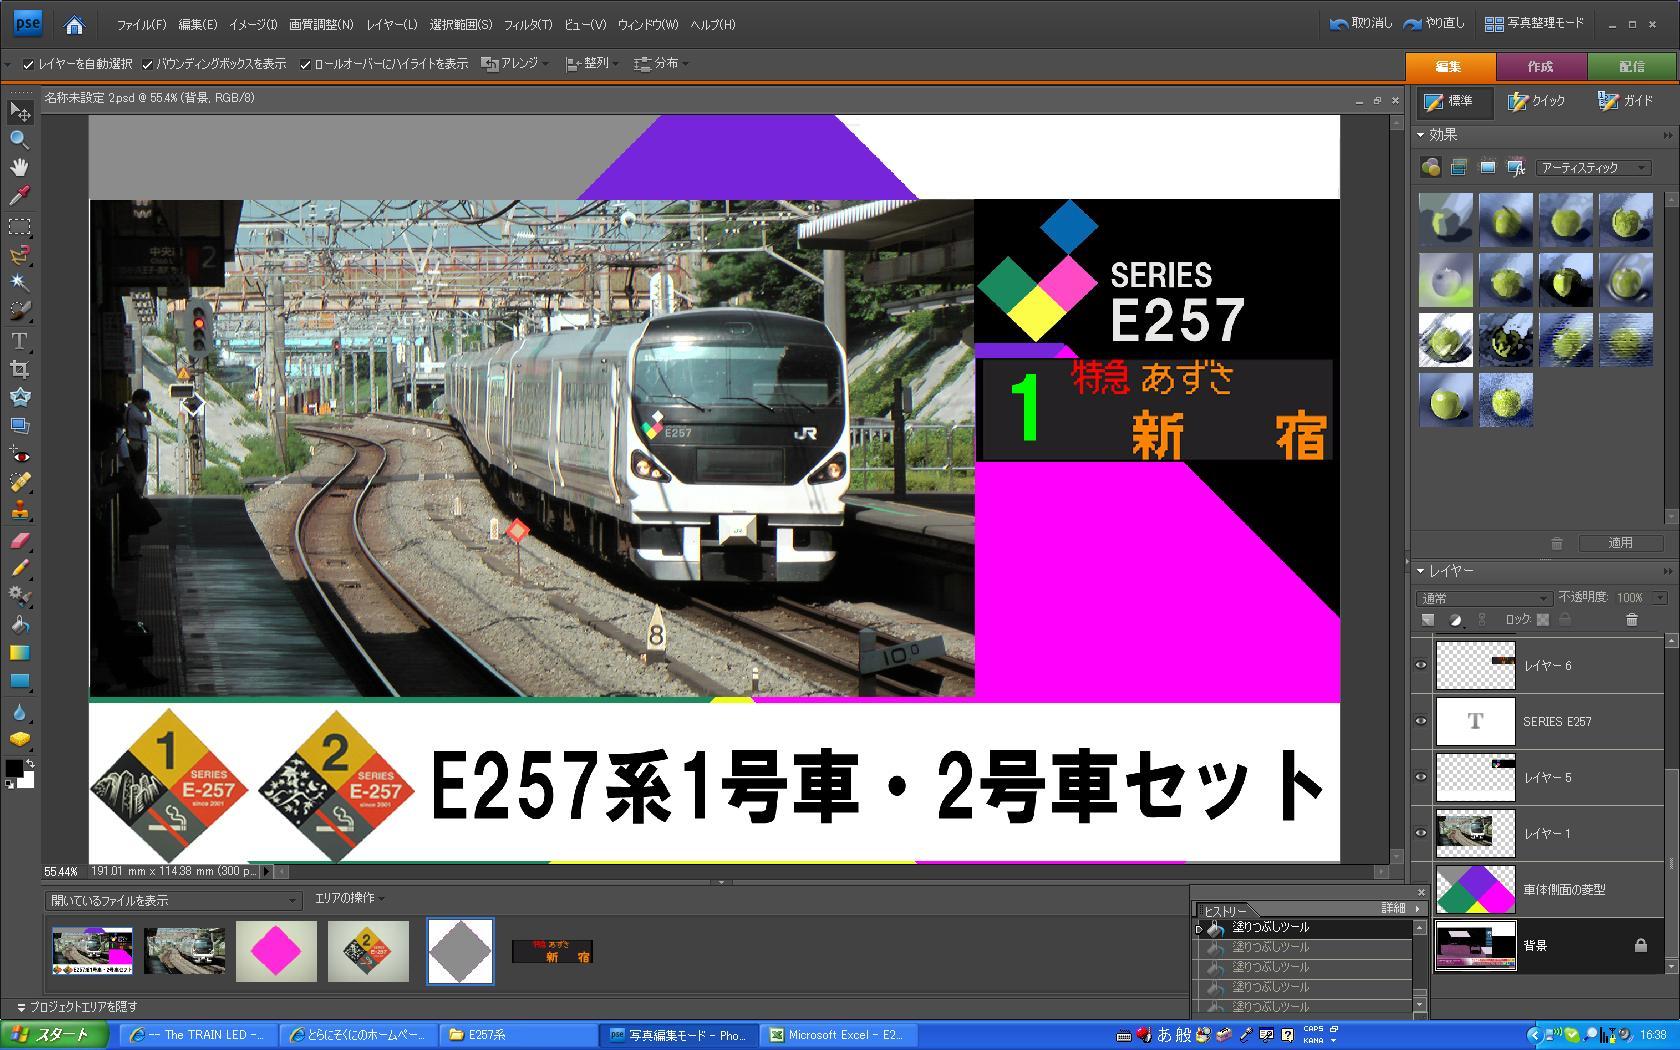 E257系ケースデザイン(?)